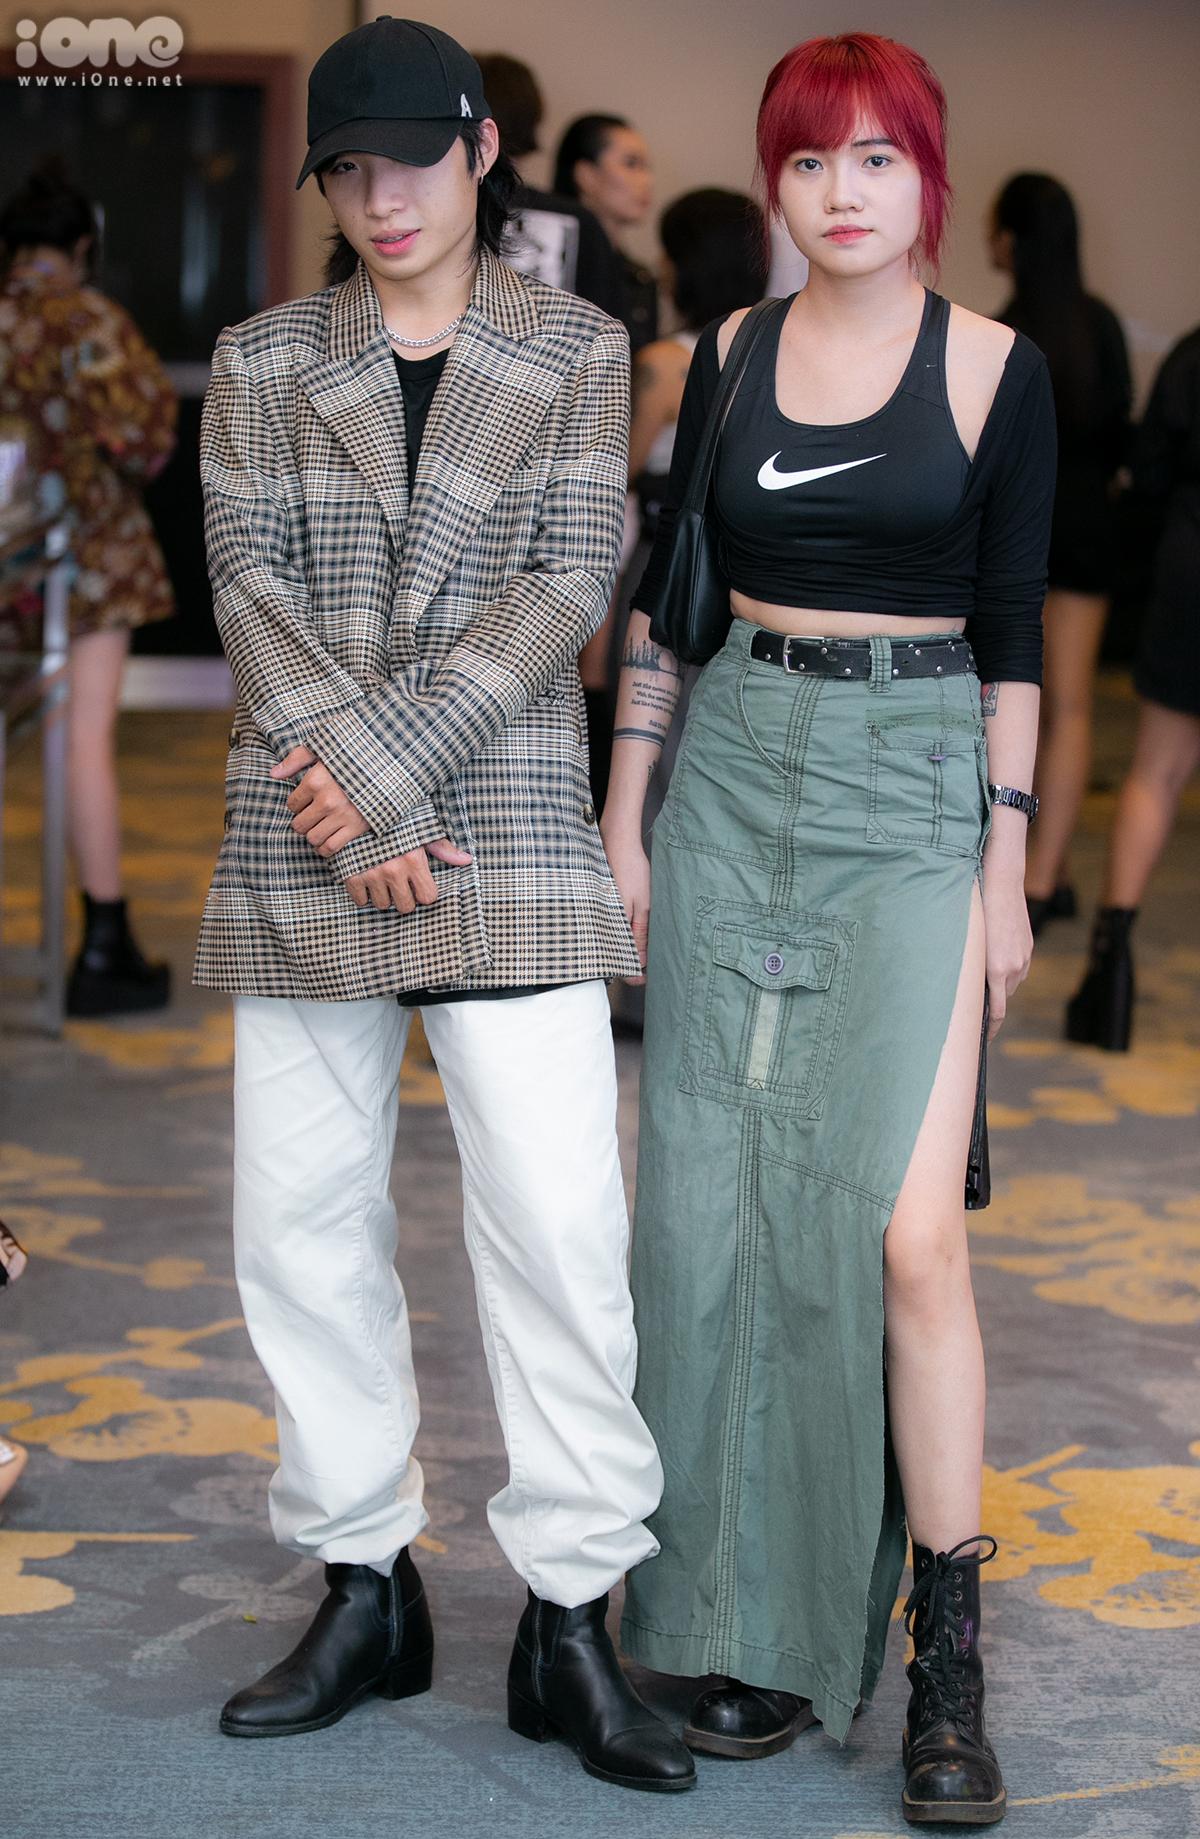 Trong khi anh chàng Đông Hải mặc blazer kẻ chuẩn sang thu, cô bạn Khánh Linh không ngại khoe eo thon, chân dài với croptop và váy xẻ cao tít tắp.